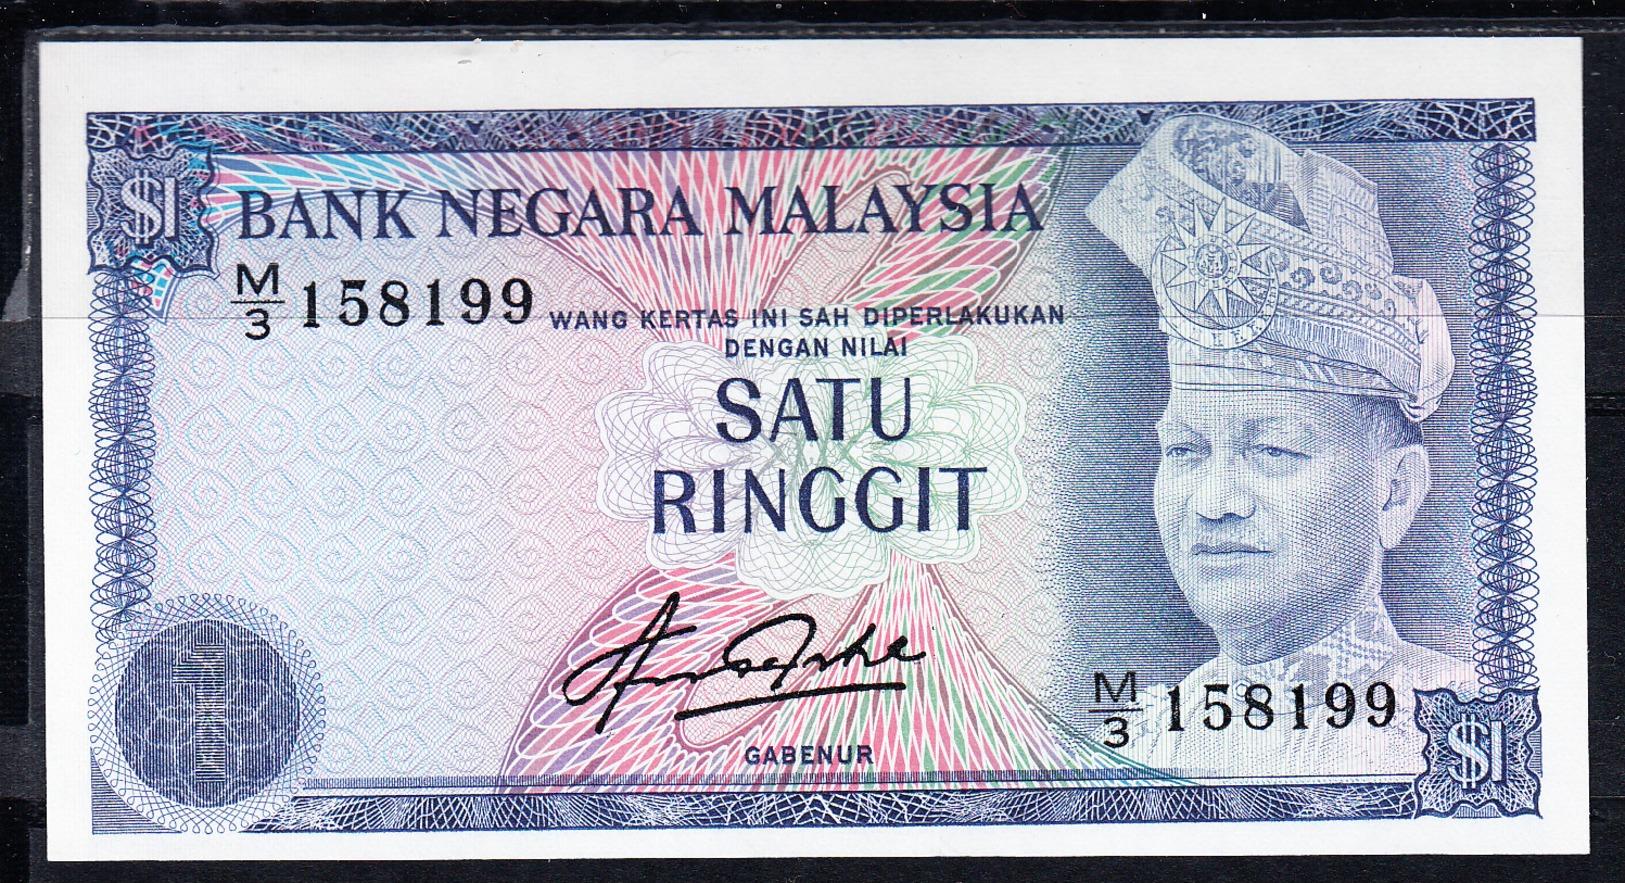 MALASIA 1976   1 RINGGIT  PICK Nº 13  NUEVO SIN CIRCULAR  B1021 - Malasia